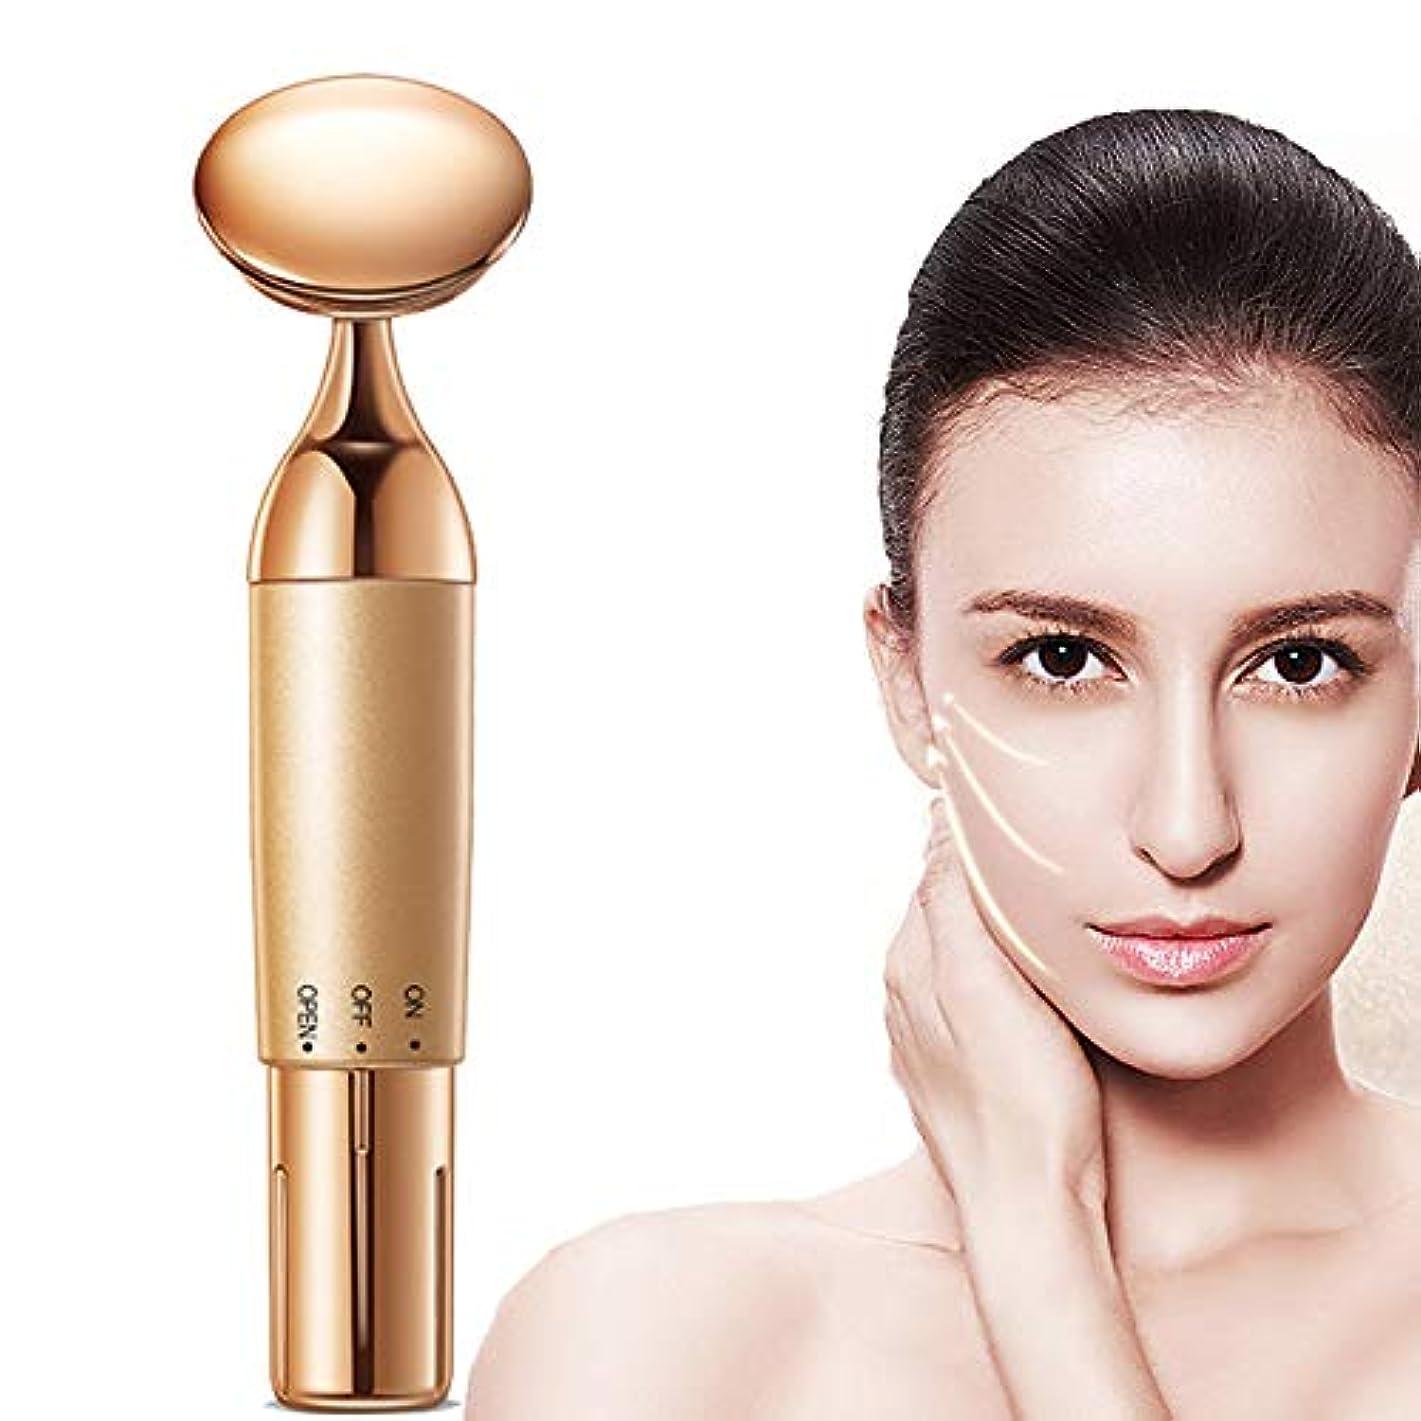 消防士本物のキャベツRF lifting device Facial beauty massager facial lifting firming wrinkle removal eye bags roller